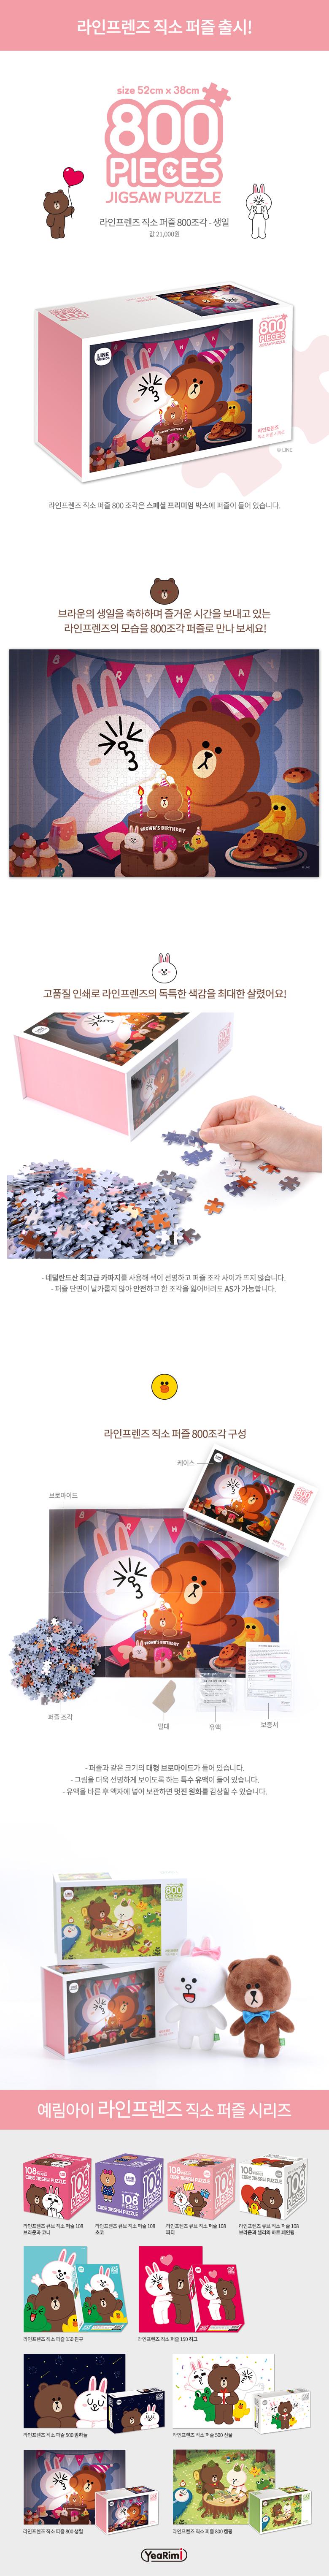 라인프렌즈 직소 퍼즐 800 생일_상세 페이지.jpg